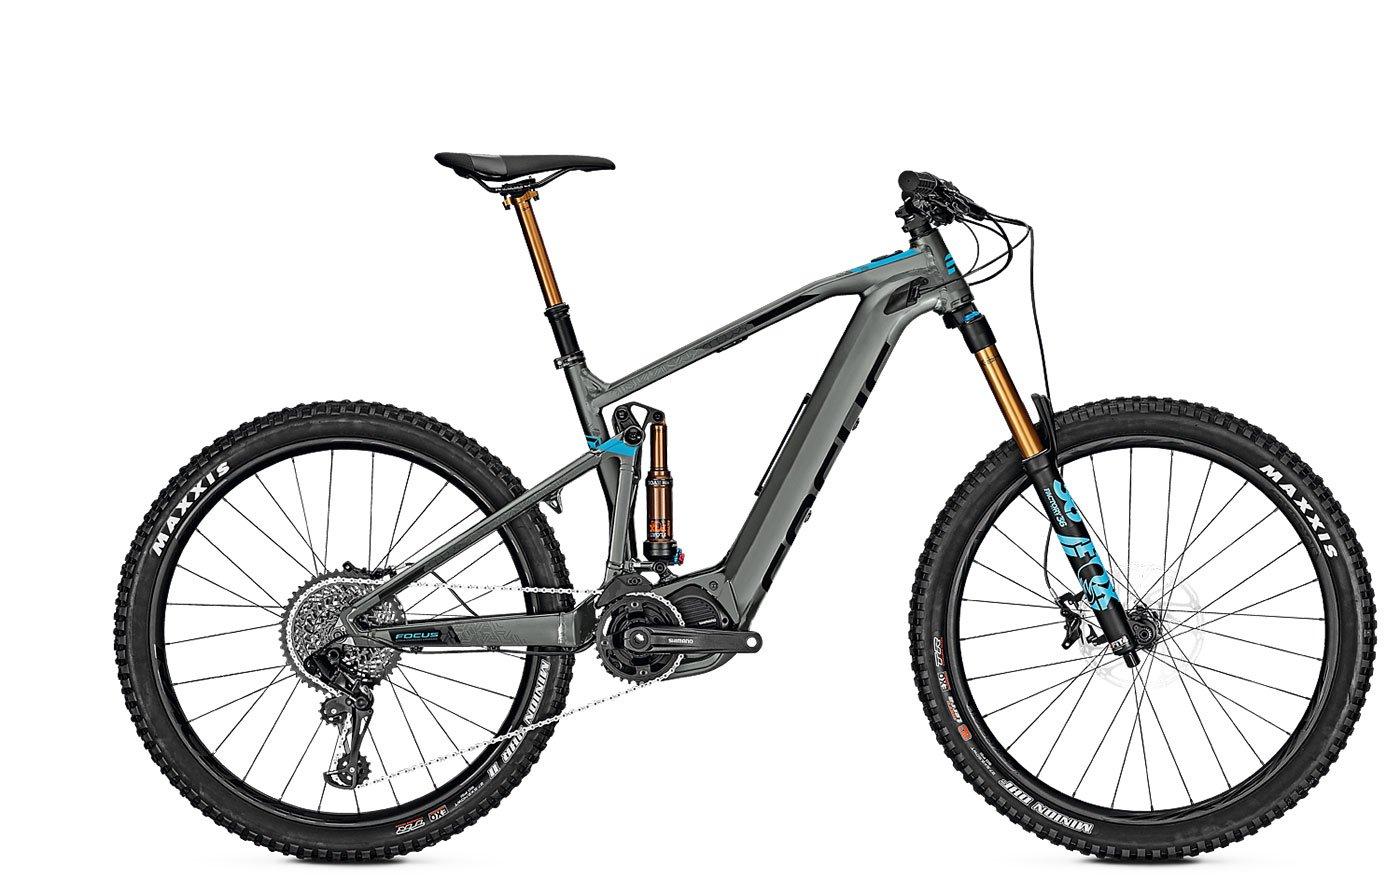 Focus Hombre S de Mountain Bike 27.5 pulgadas Fully Modelo Sam² Pro (2018) - 8 de circuito de cadena con cambio de marcha, Gris, color gris, ...